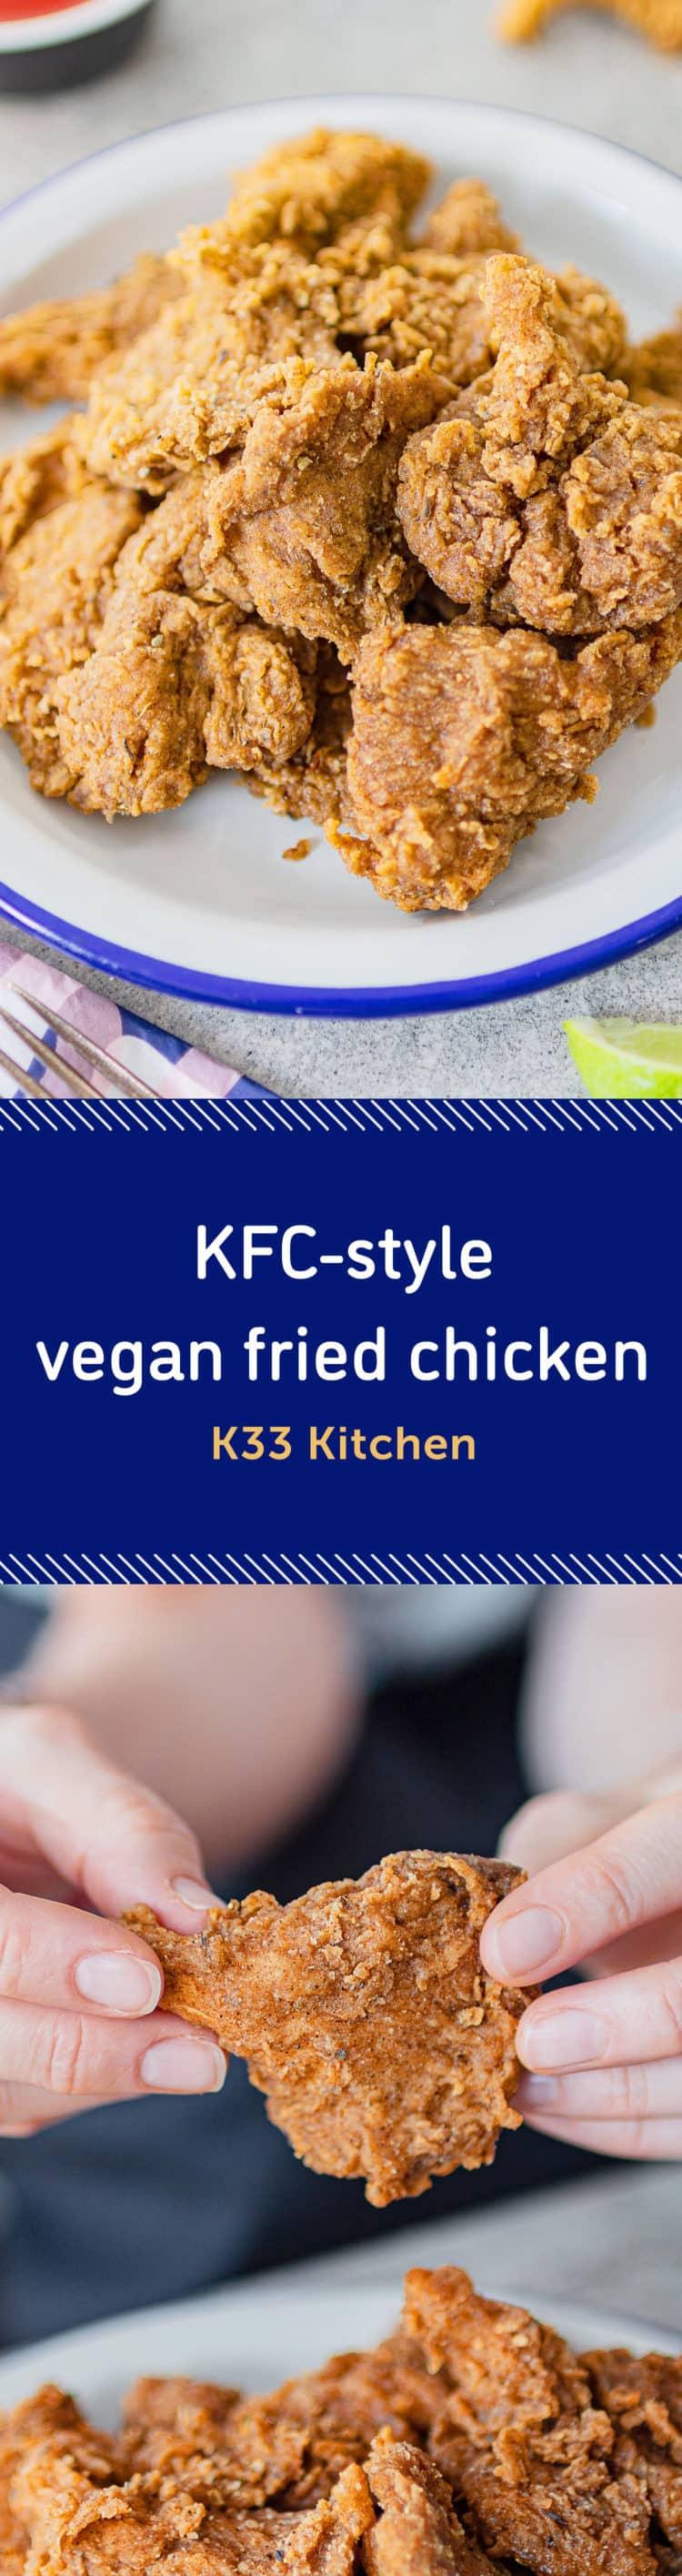 K33 Kitchen KFC-style vegan fried chicken